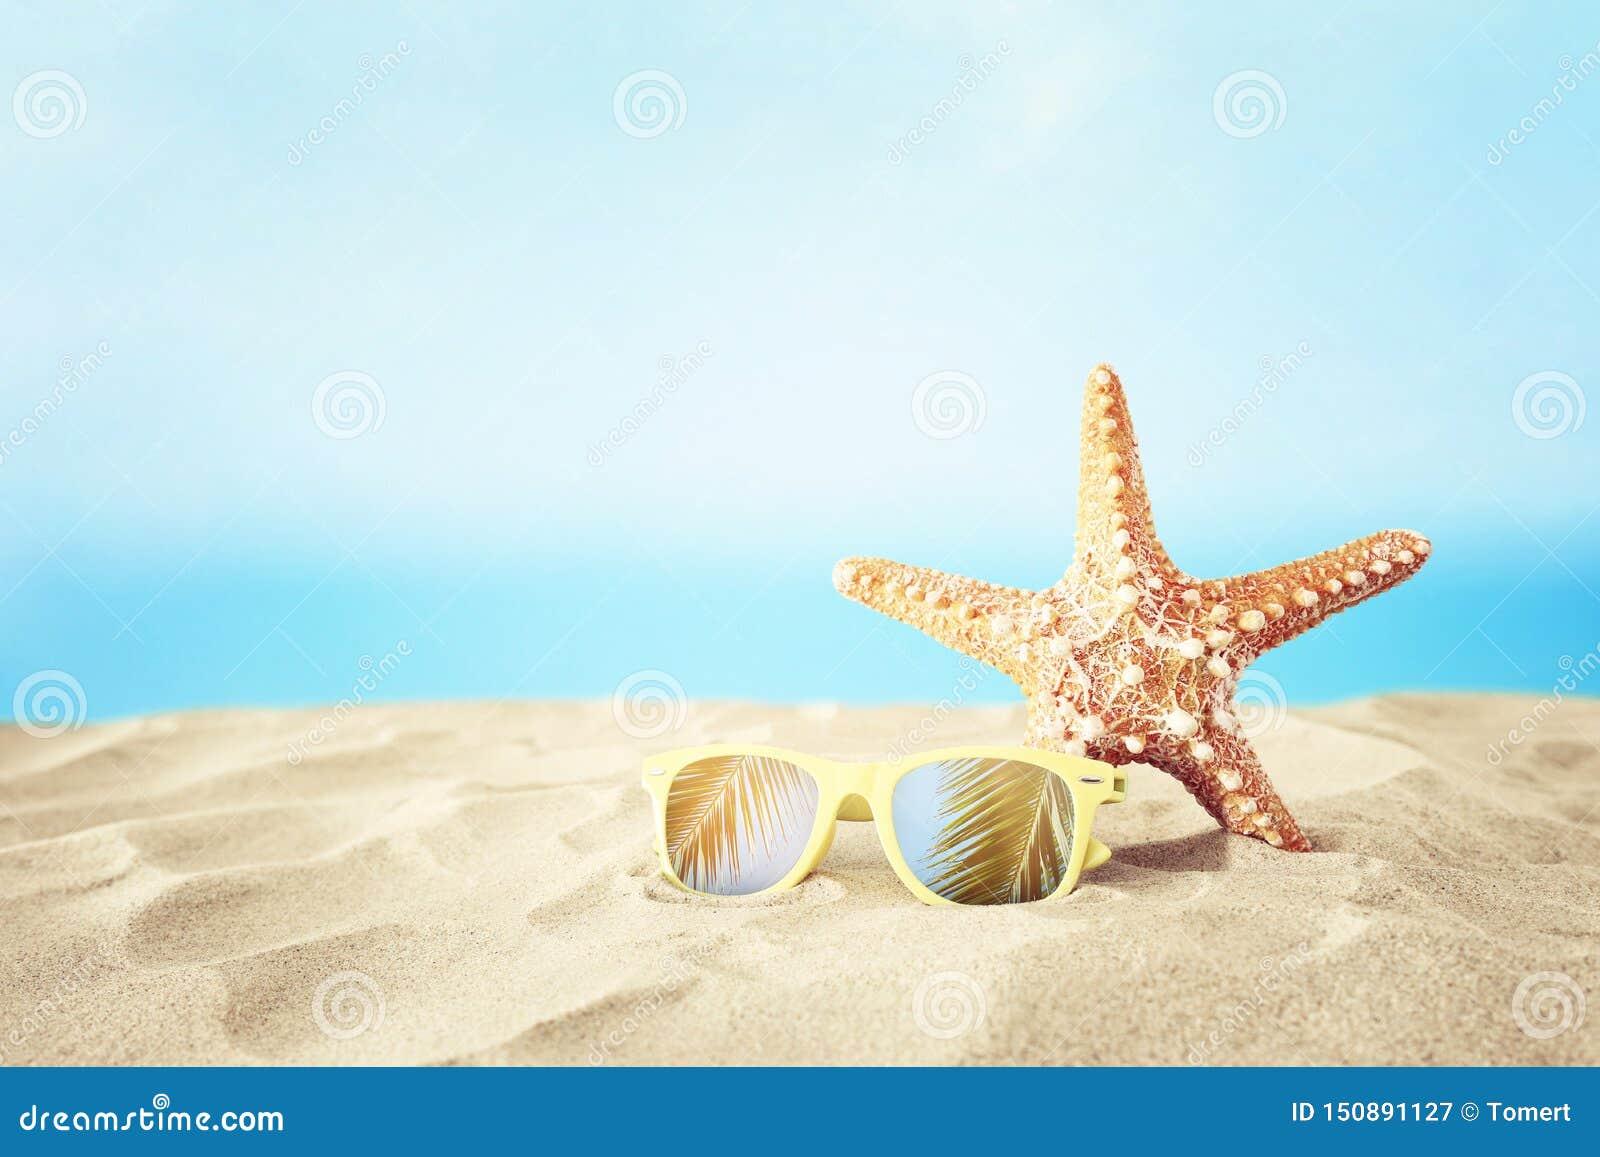 Διακοπές παραλία, γυαλιά ηλίου και αστερίας άμμου μπροστά από το υπόβαθρο θερινής θάλασσας με το διάστημα αντιγράφων